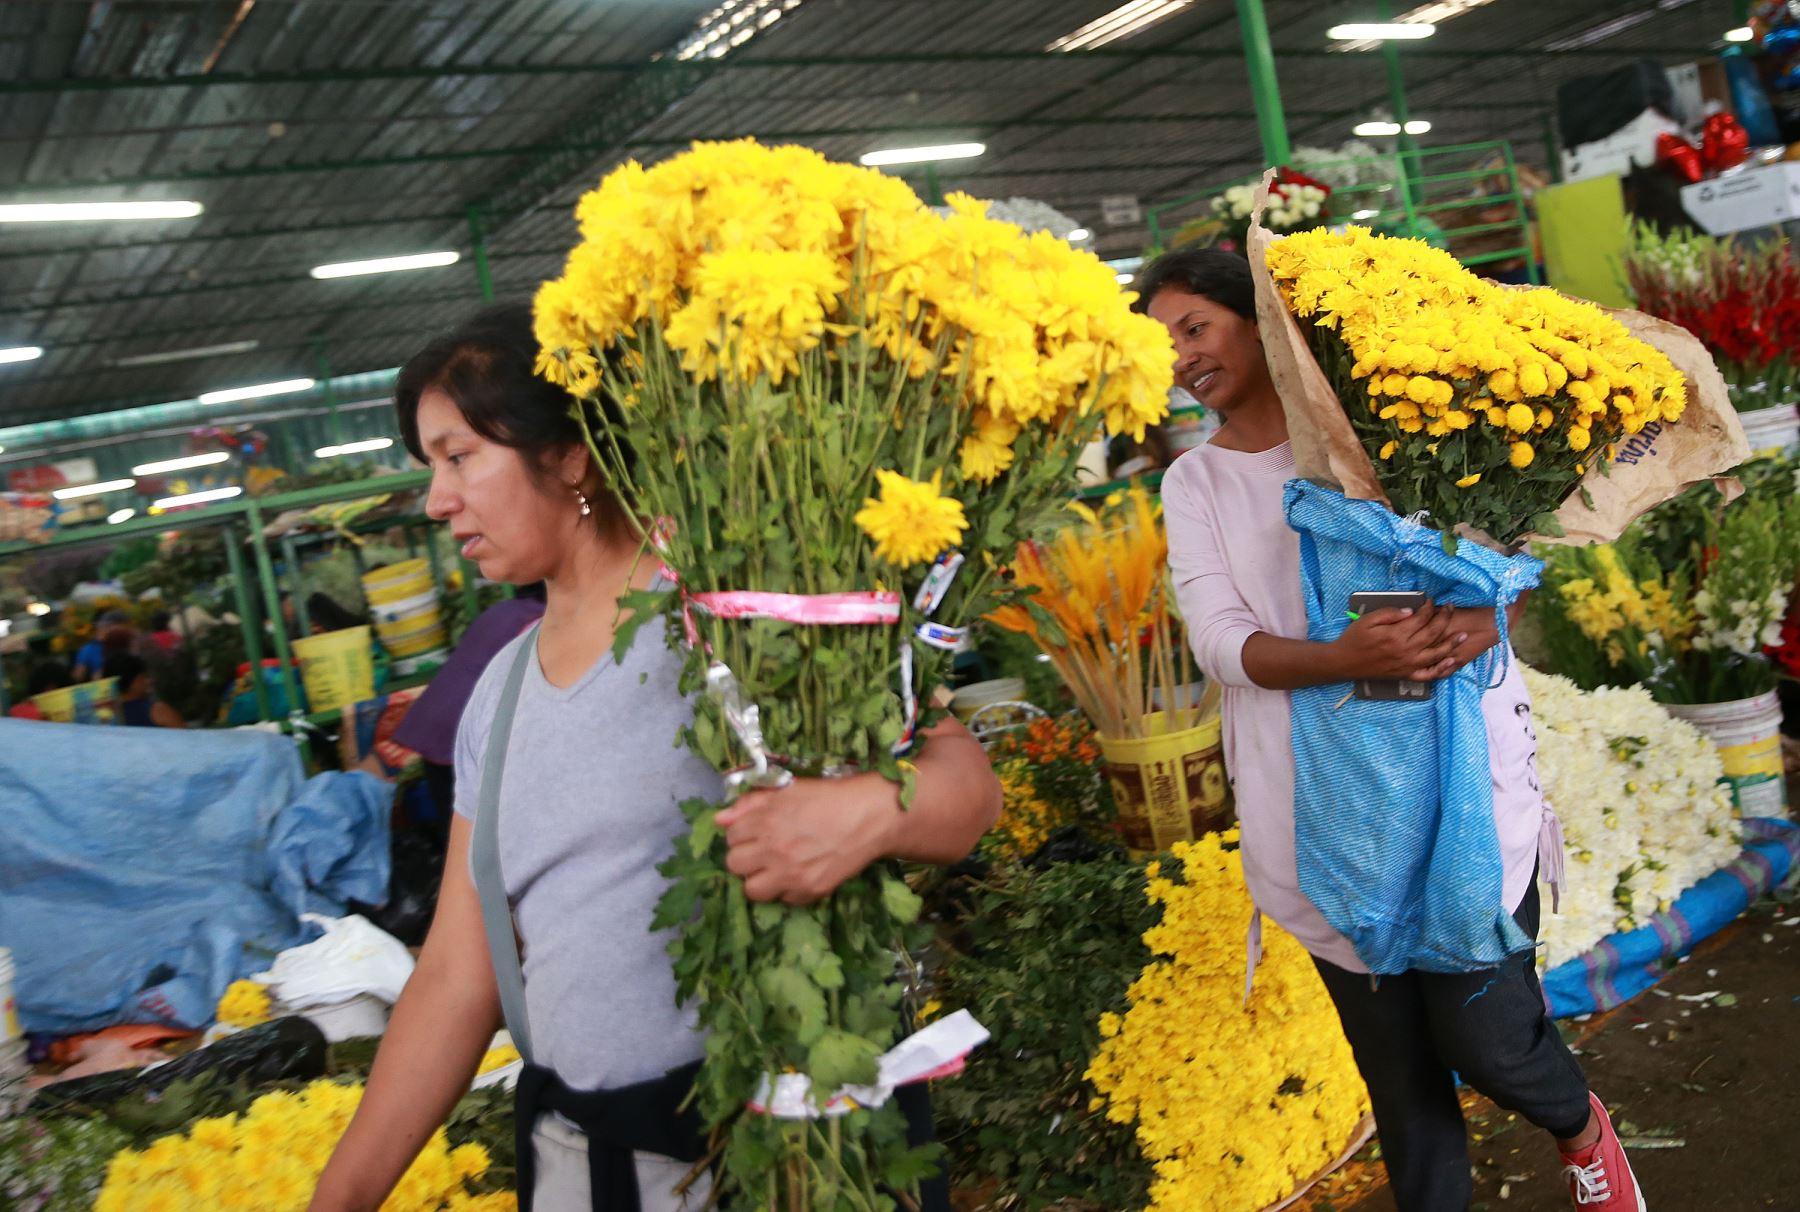 Las Frutas Que Ayudan A Atraer La Suerte Fotos: Agencia Peruana De Noticias Andina